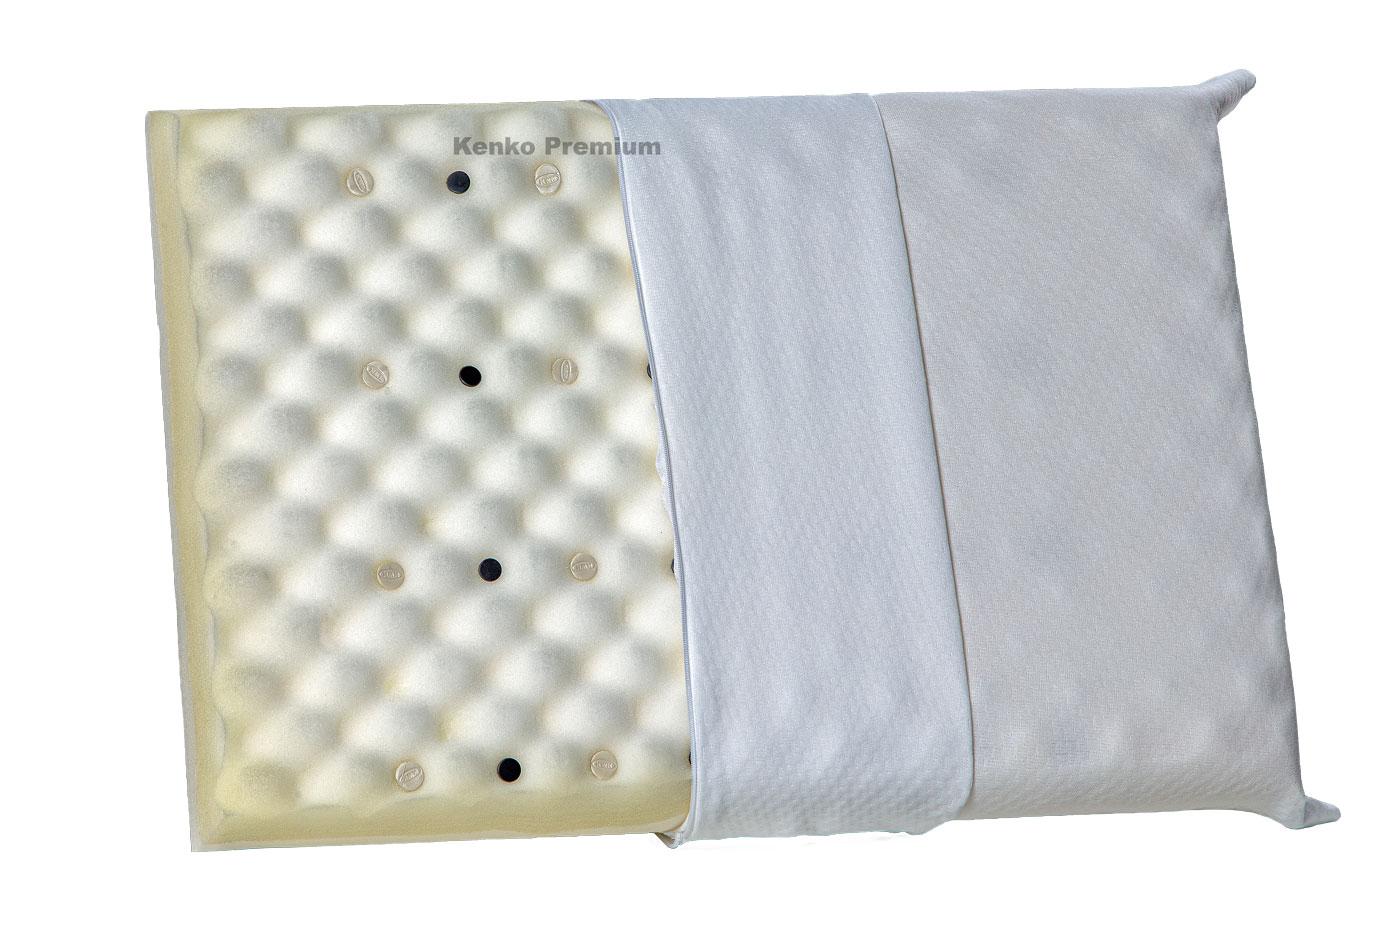 Travesseiro Magnético Kenko Premium BASIC One Face Camadas Ajustáveis Regulagem de Altura  - Kenko Premium Colchões